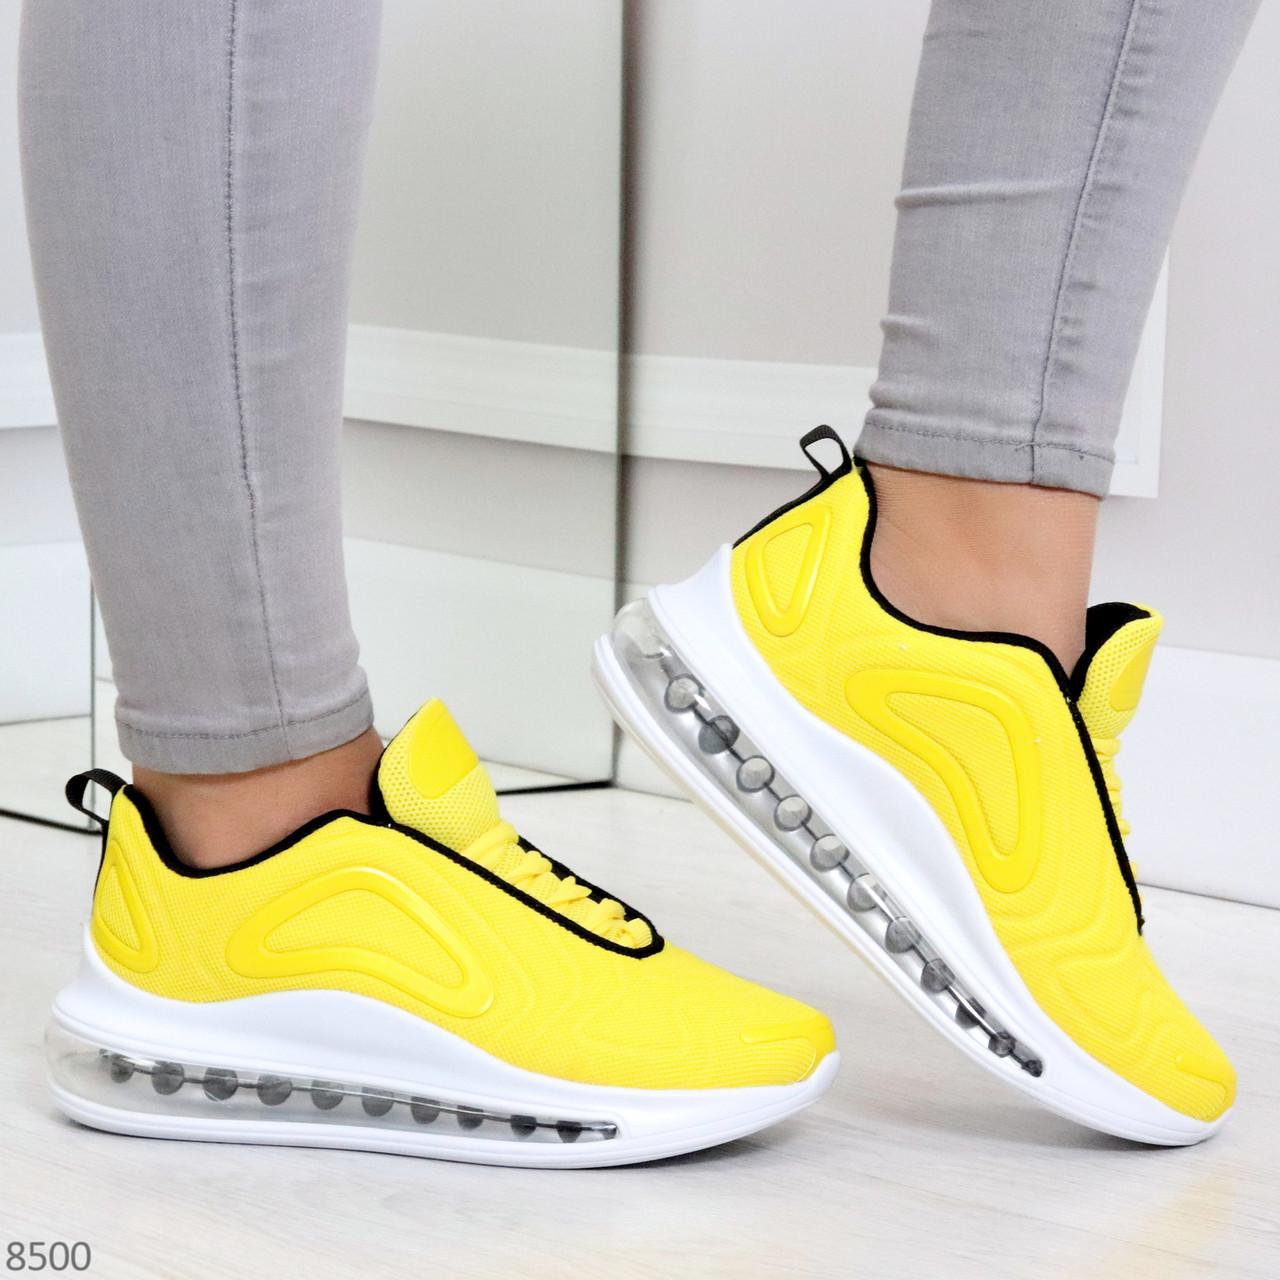 Яркие модные желтые неоновые текстильные тканевые женские кроссовки